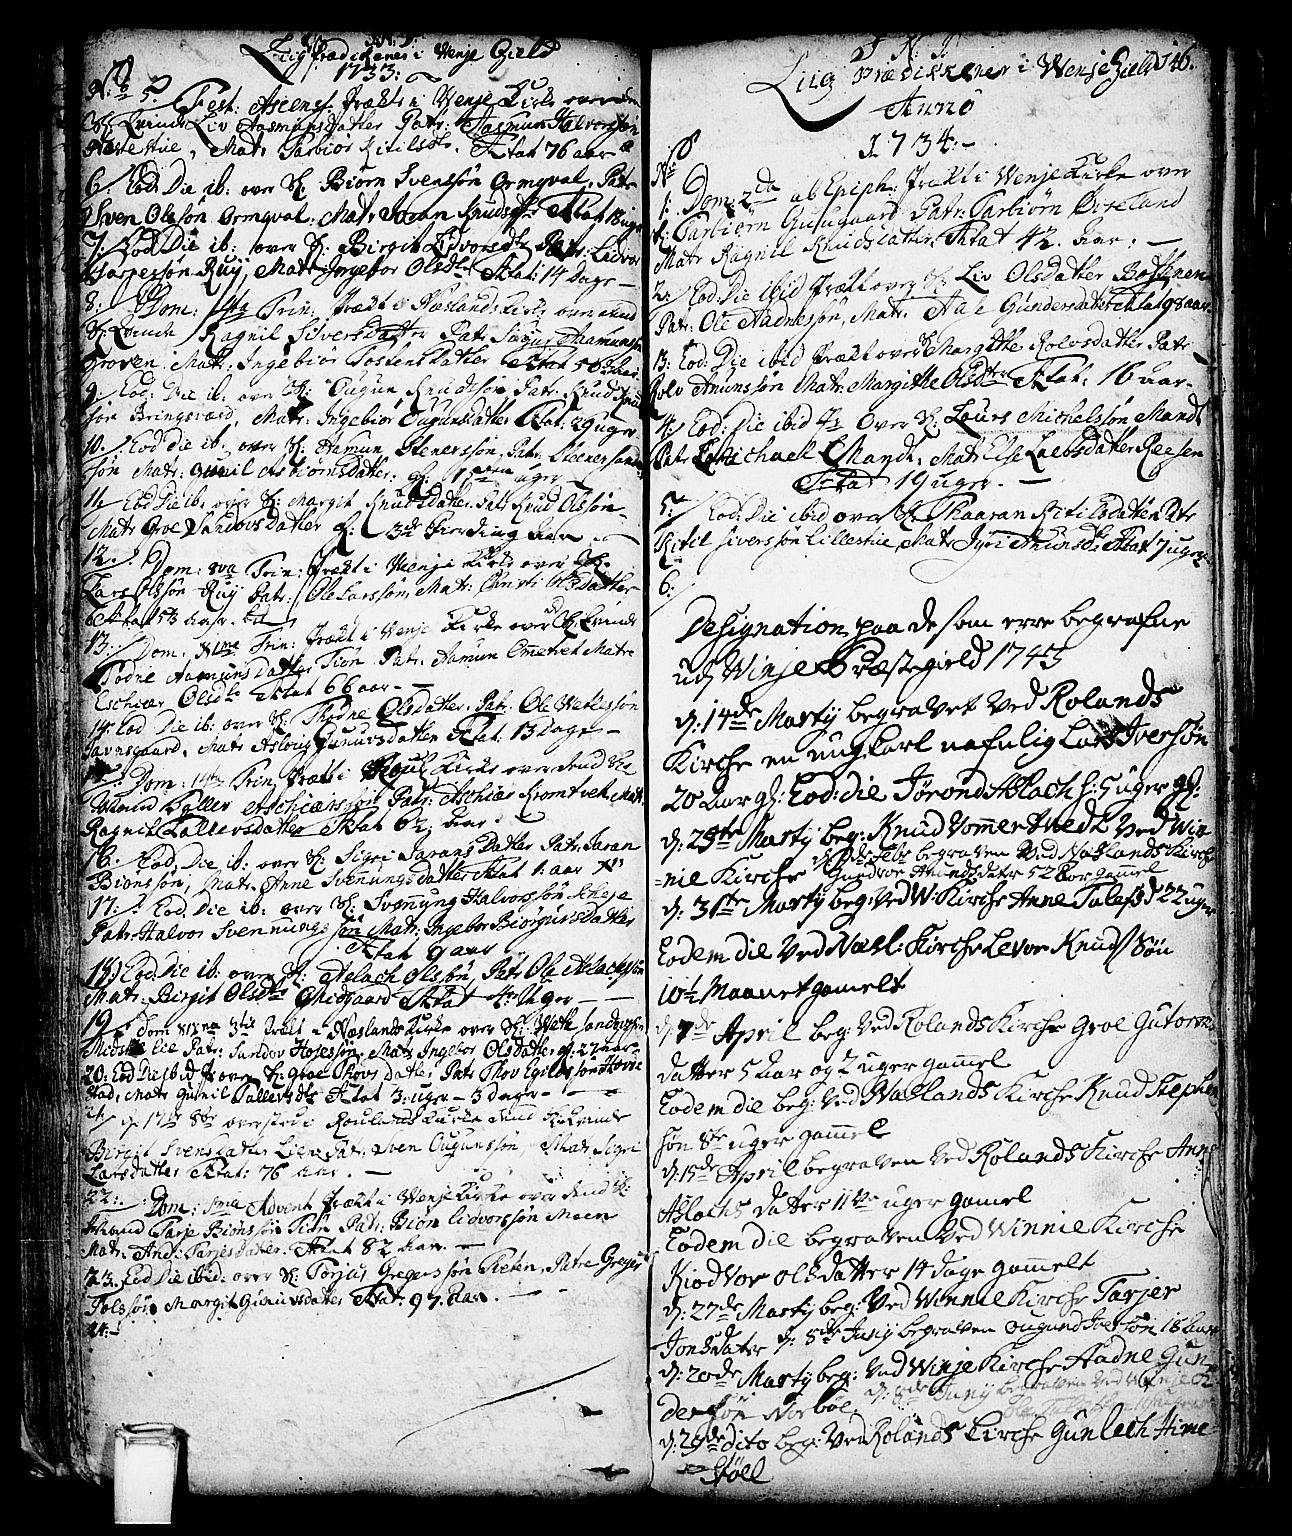 SAKO, Vinje kirkebøker, F/Fa/L0001: Ministerialbok nr. I 1, 1717-1766, s. 146